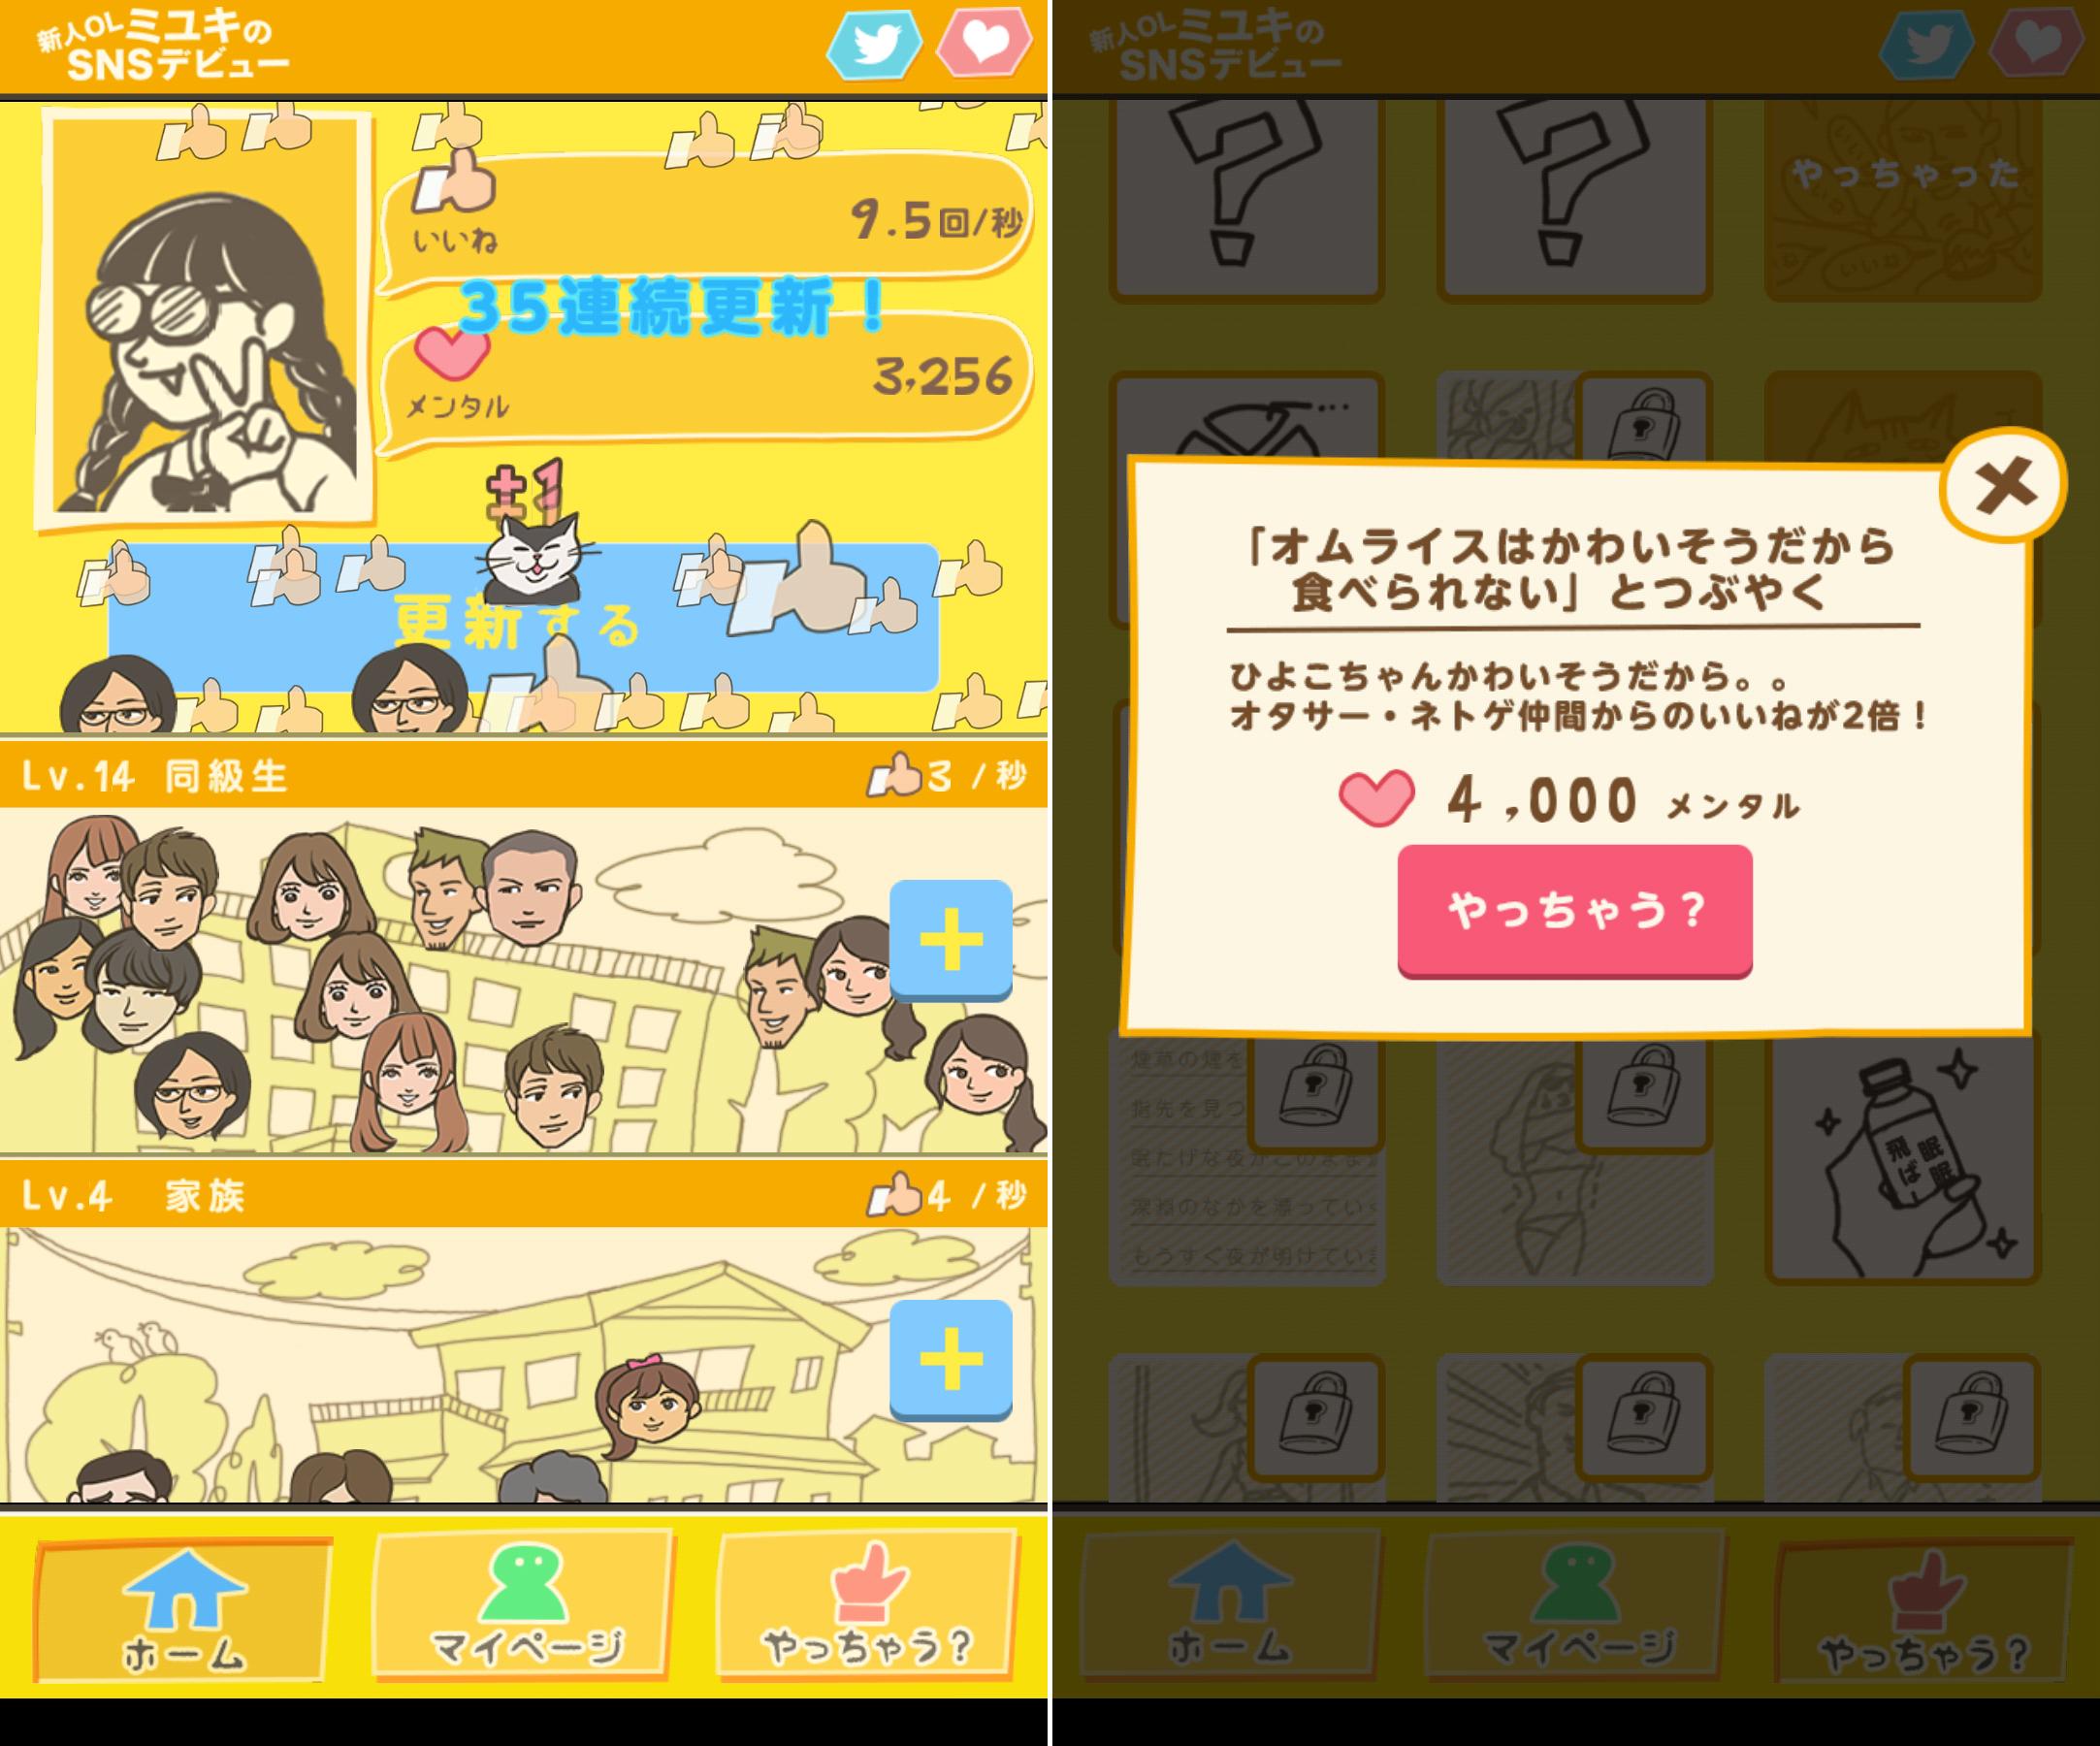 新人OLミユキのSNSデビュー androidアプリスクリーンショット1